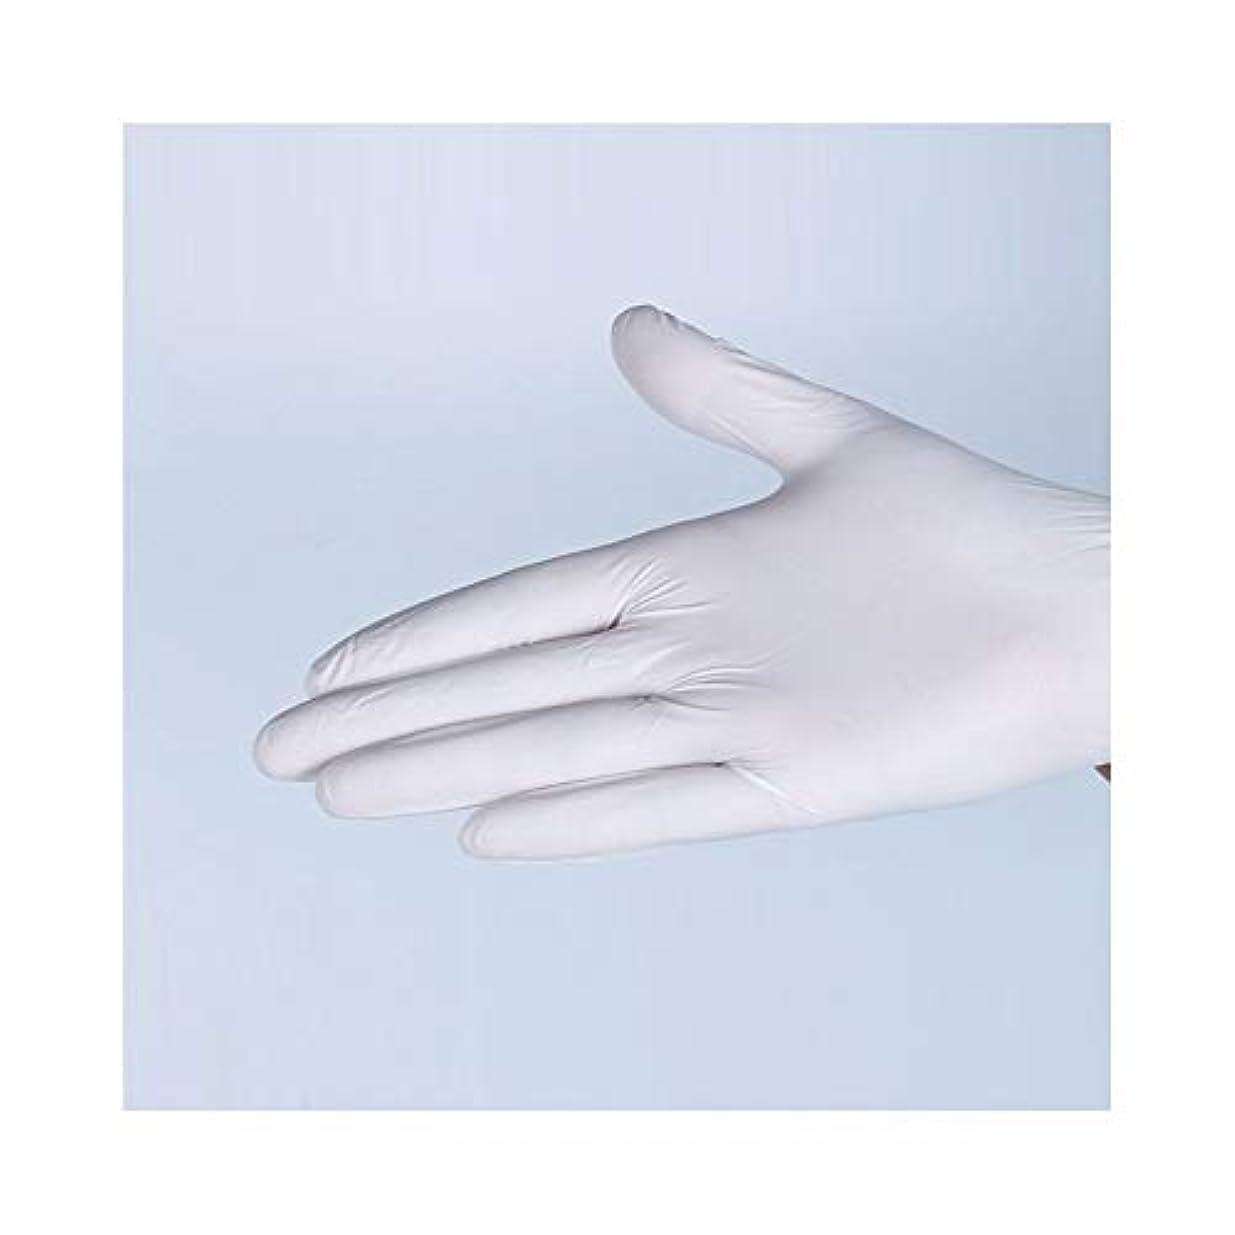 人柄距離感じる使い捨てのパウダーフリー化学実験ニトリル手袋工業労働保護手袋 YANW (Color : White, Size : S)